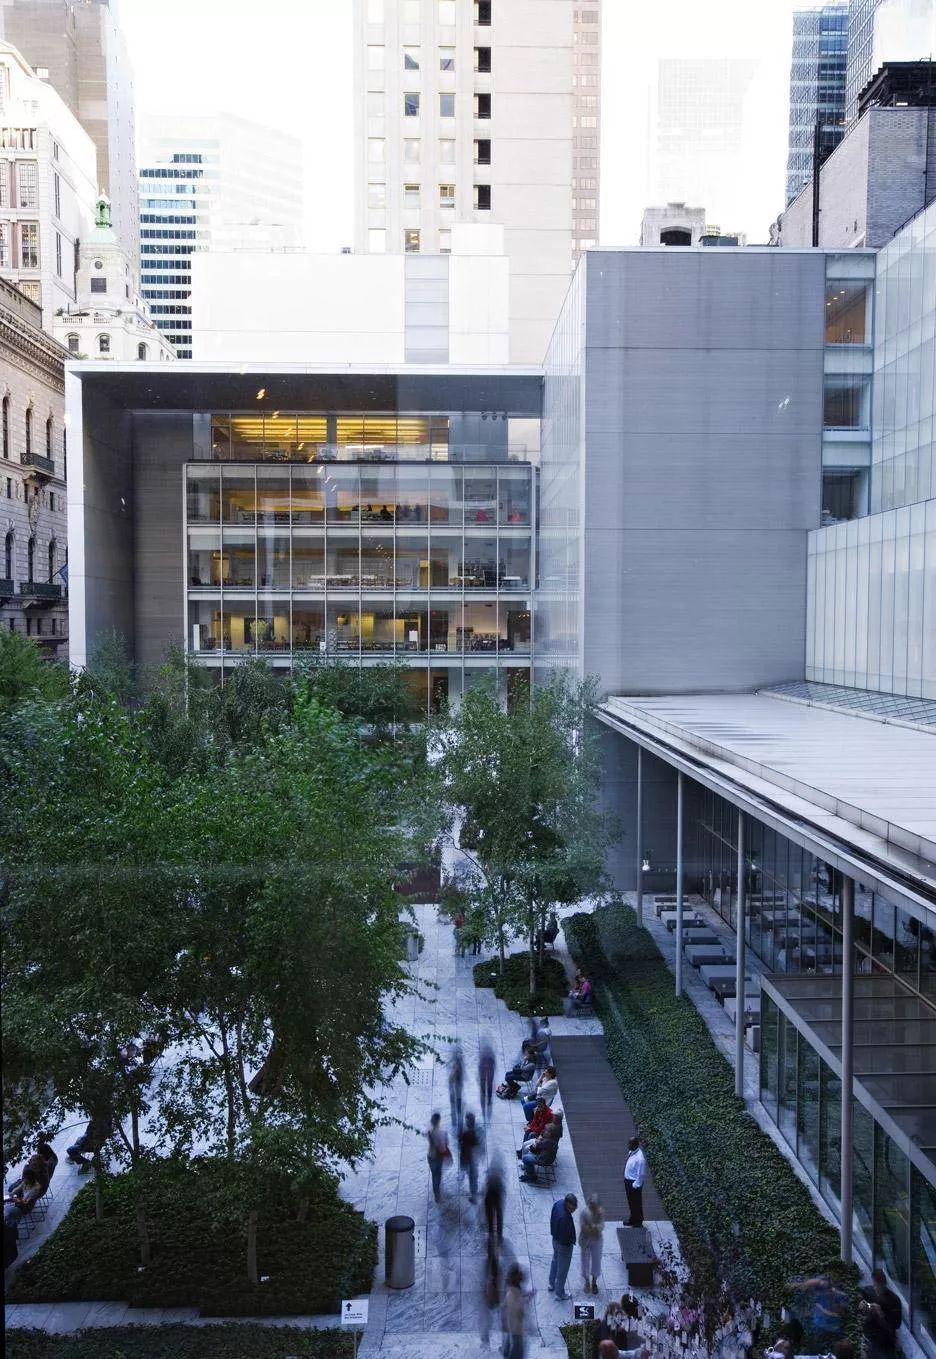 在去年重新装修开放的纽约现代艺术博物馆(MoMA)